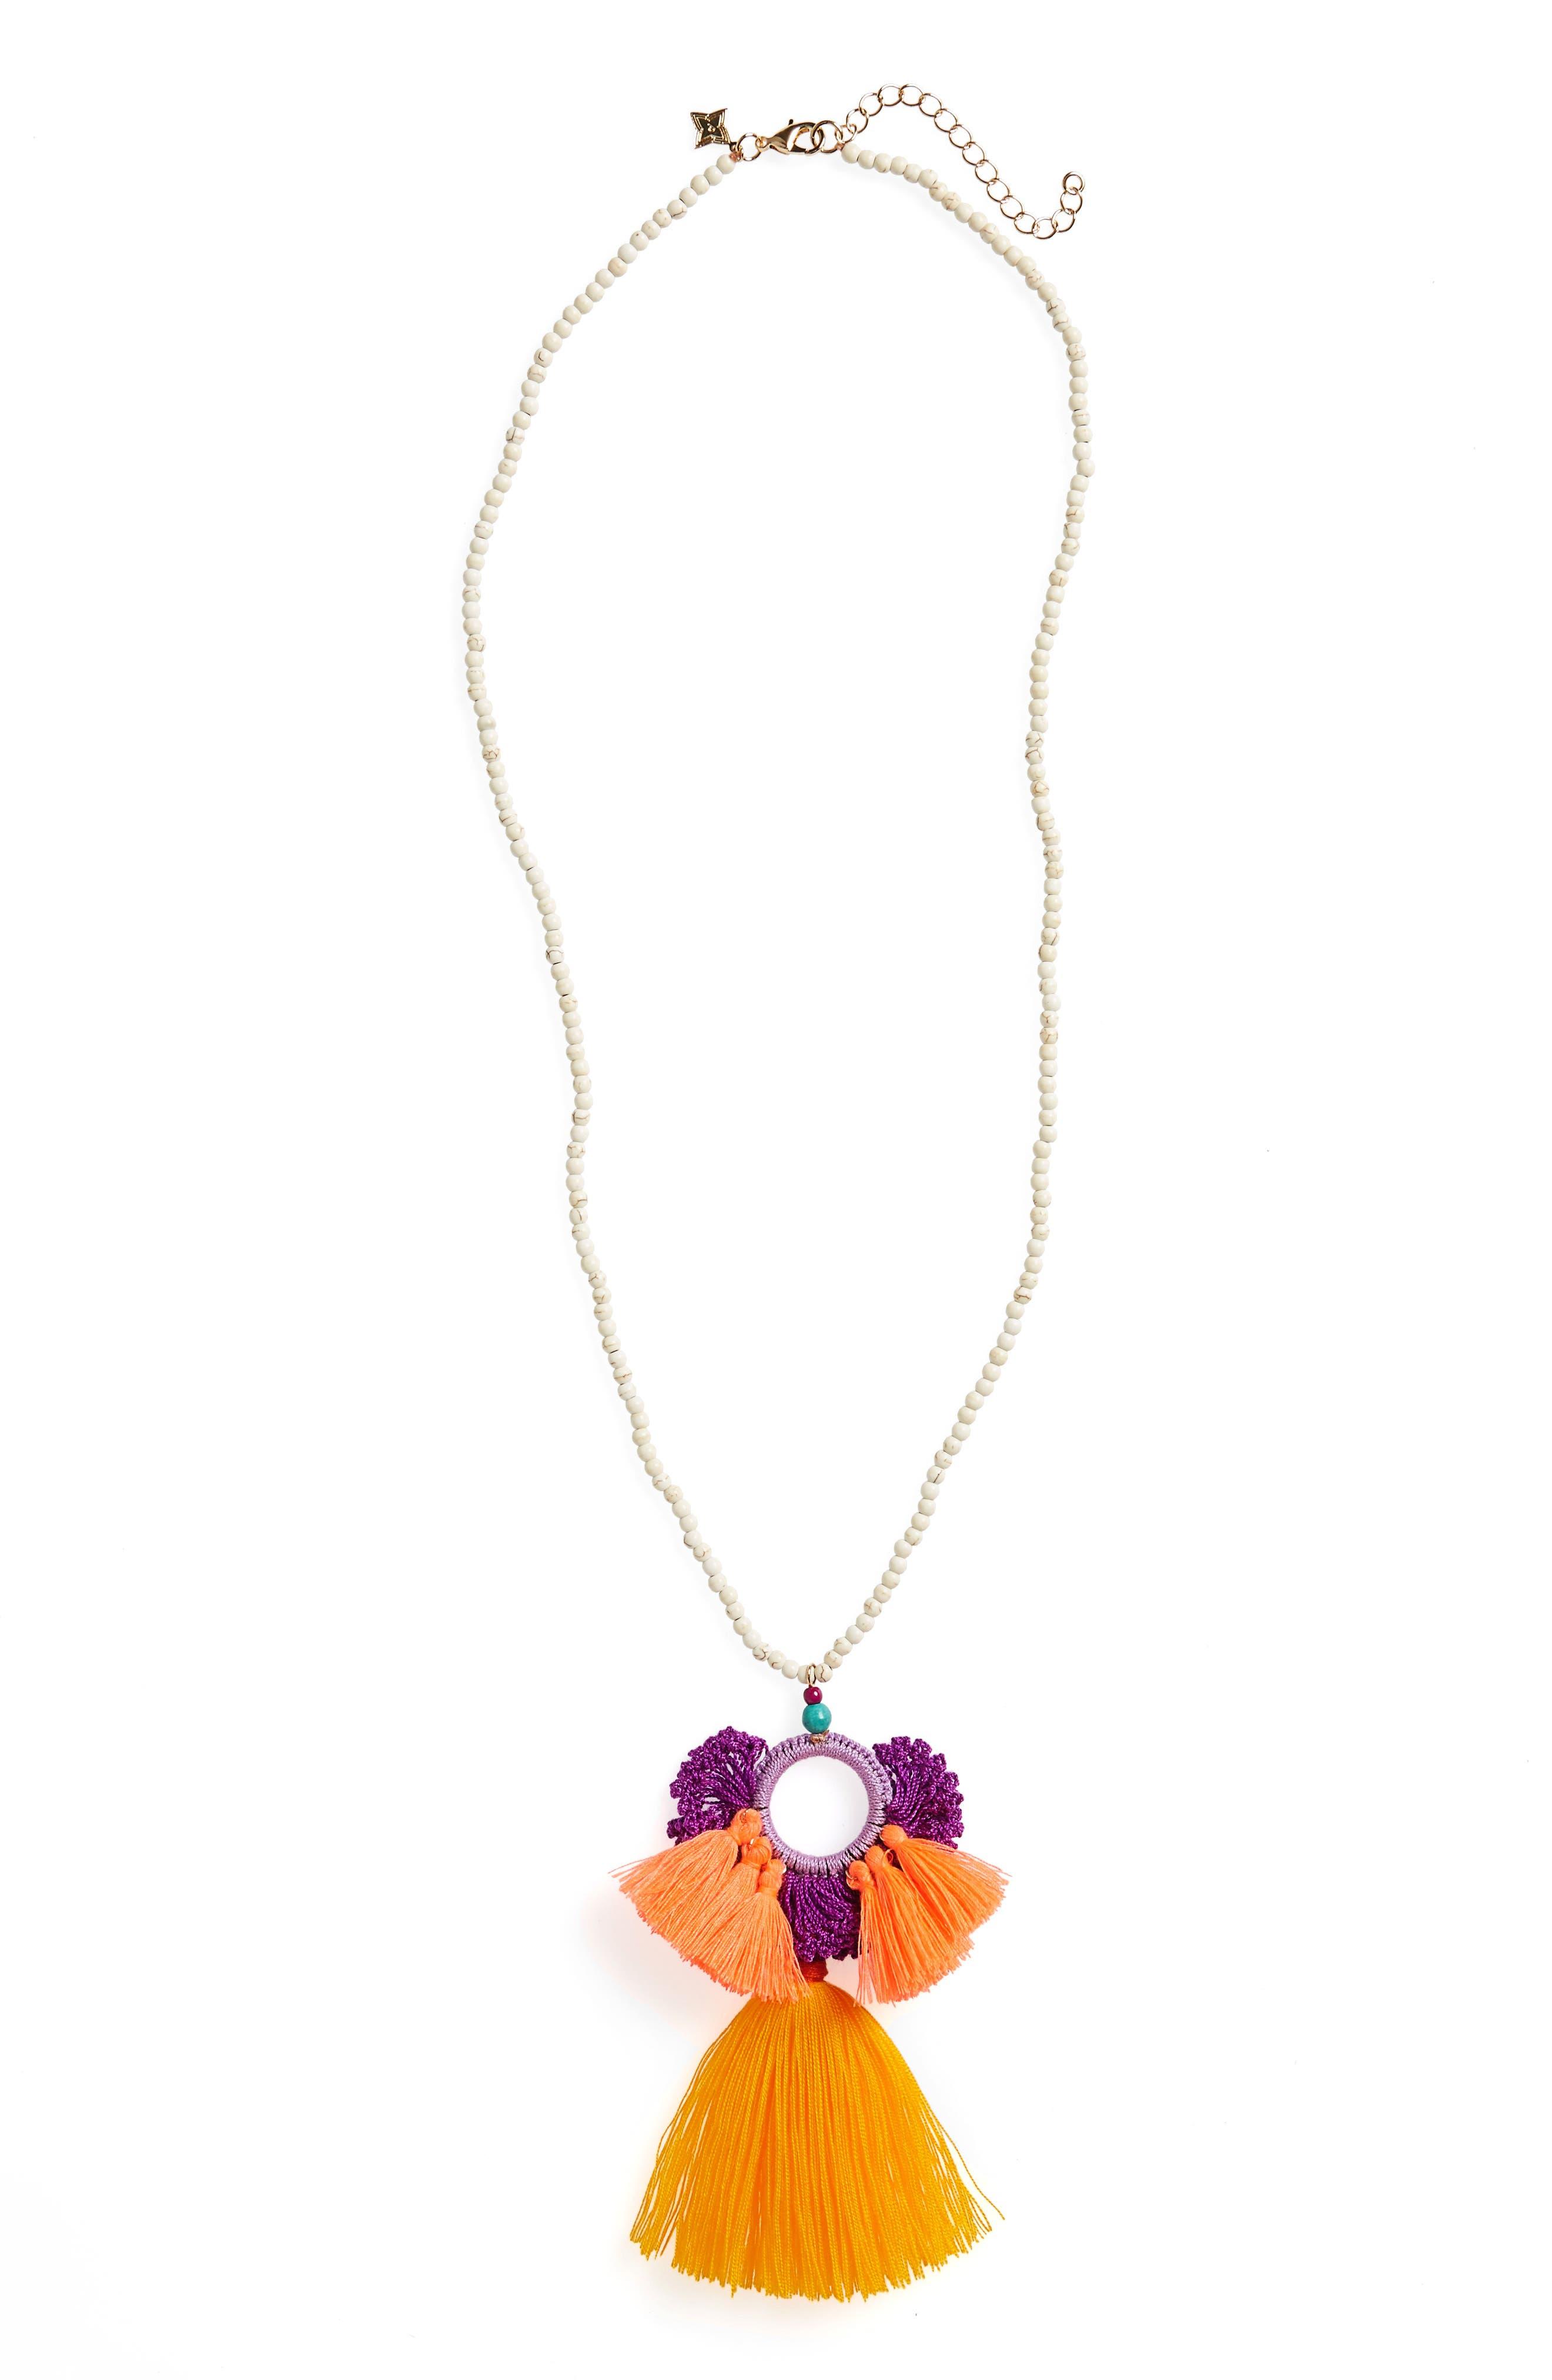 Tassel Pendant Necklace,                             Main thumbnail 1, color,                             800